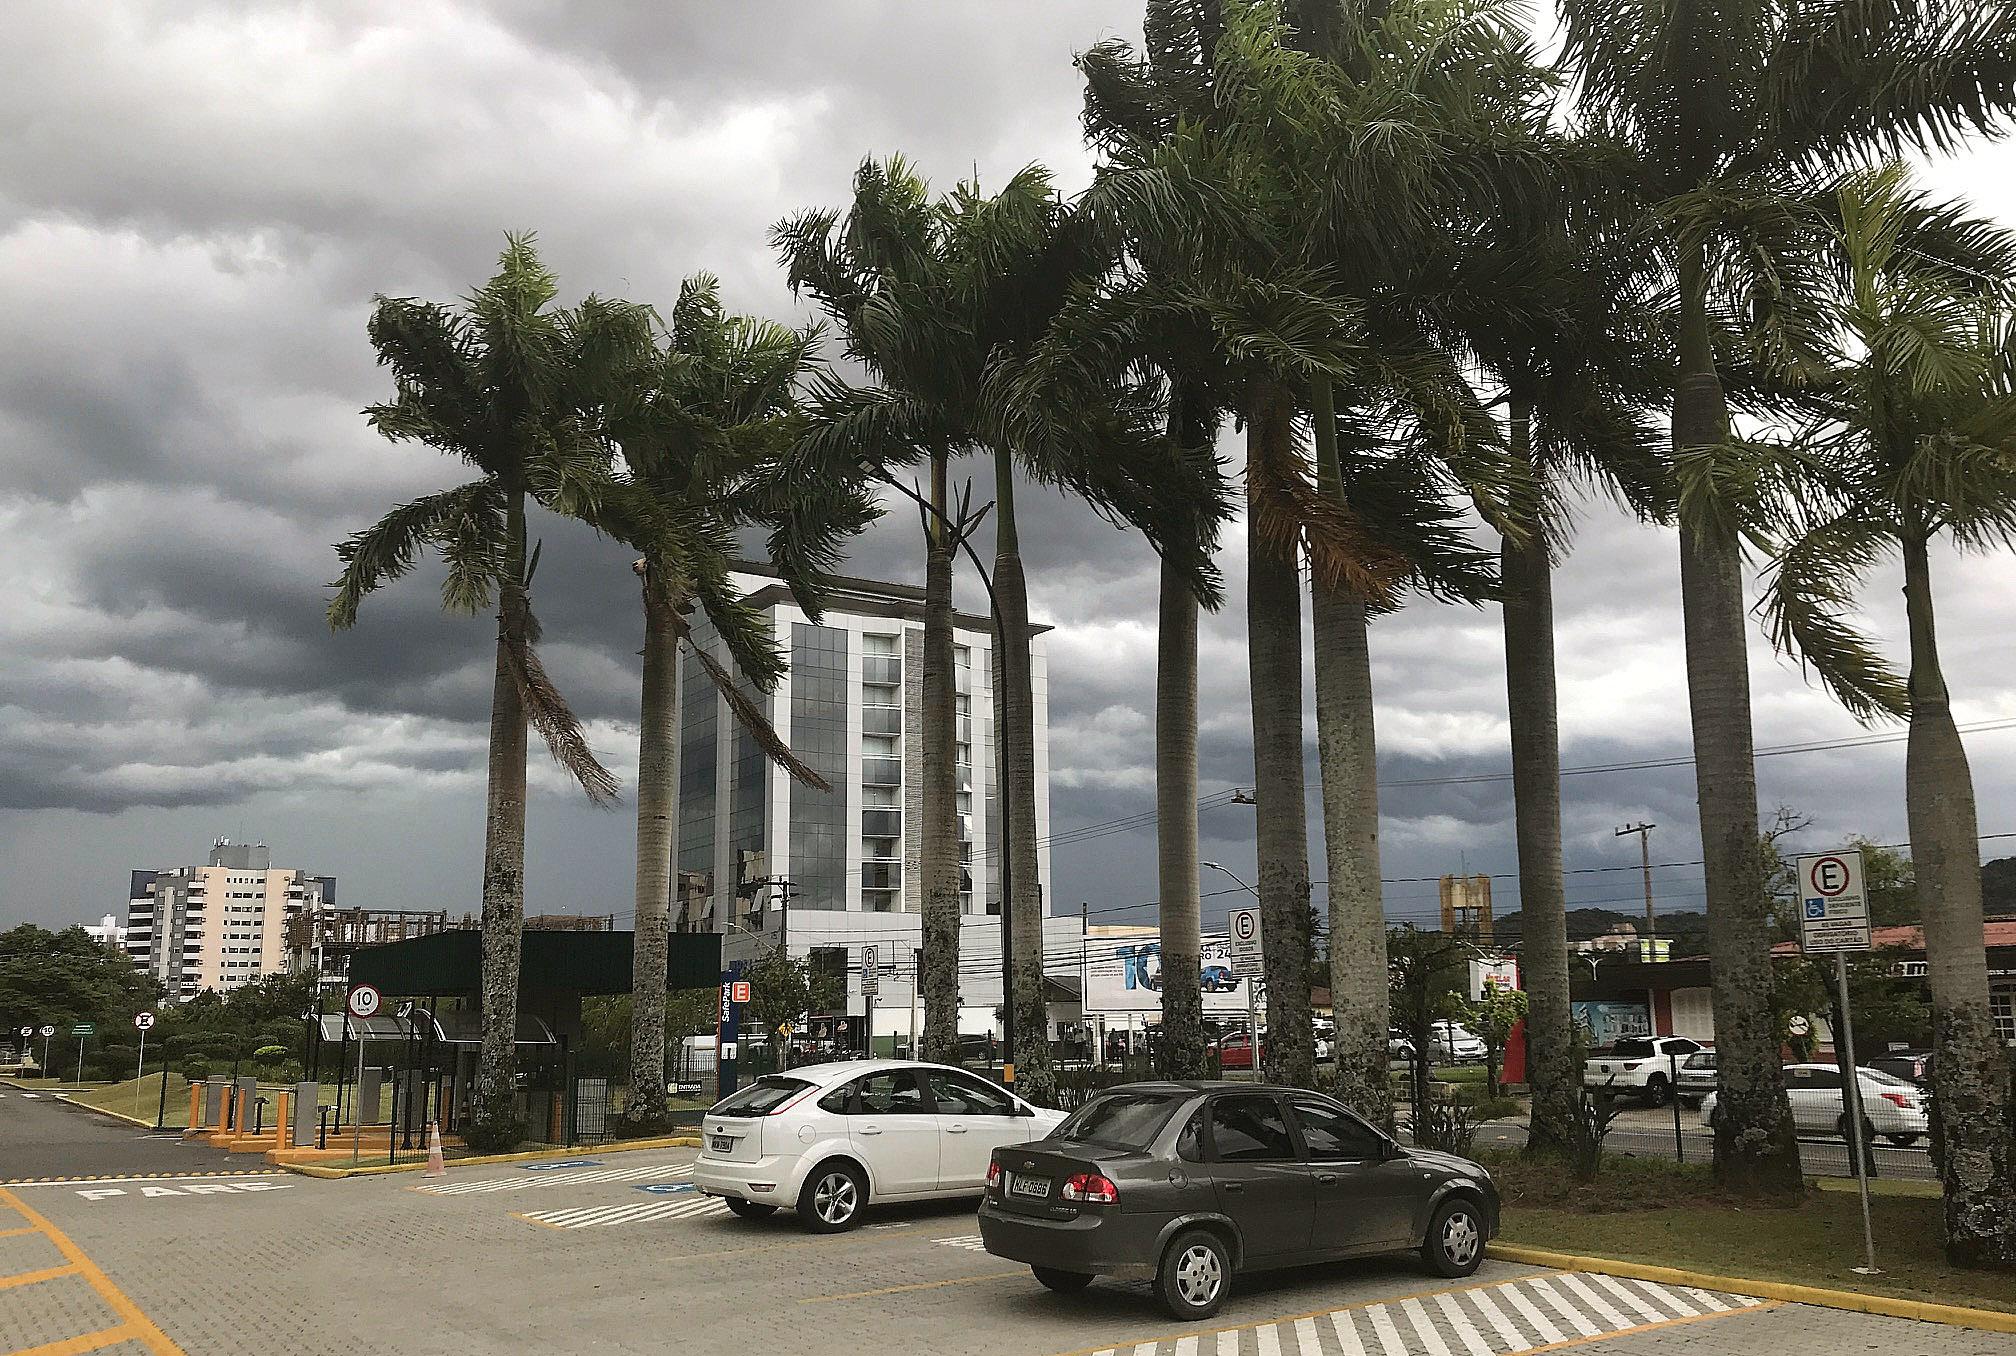 Diferentemente desta quarta-feira quando o céu ficou carregado de nuvens escuras (foto), para os próximos dias não há previsão de temporais | Foto Windson Prado/OCP News